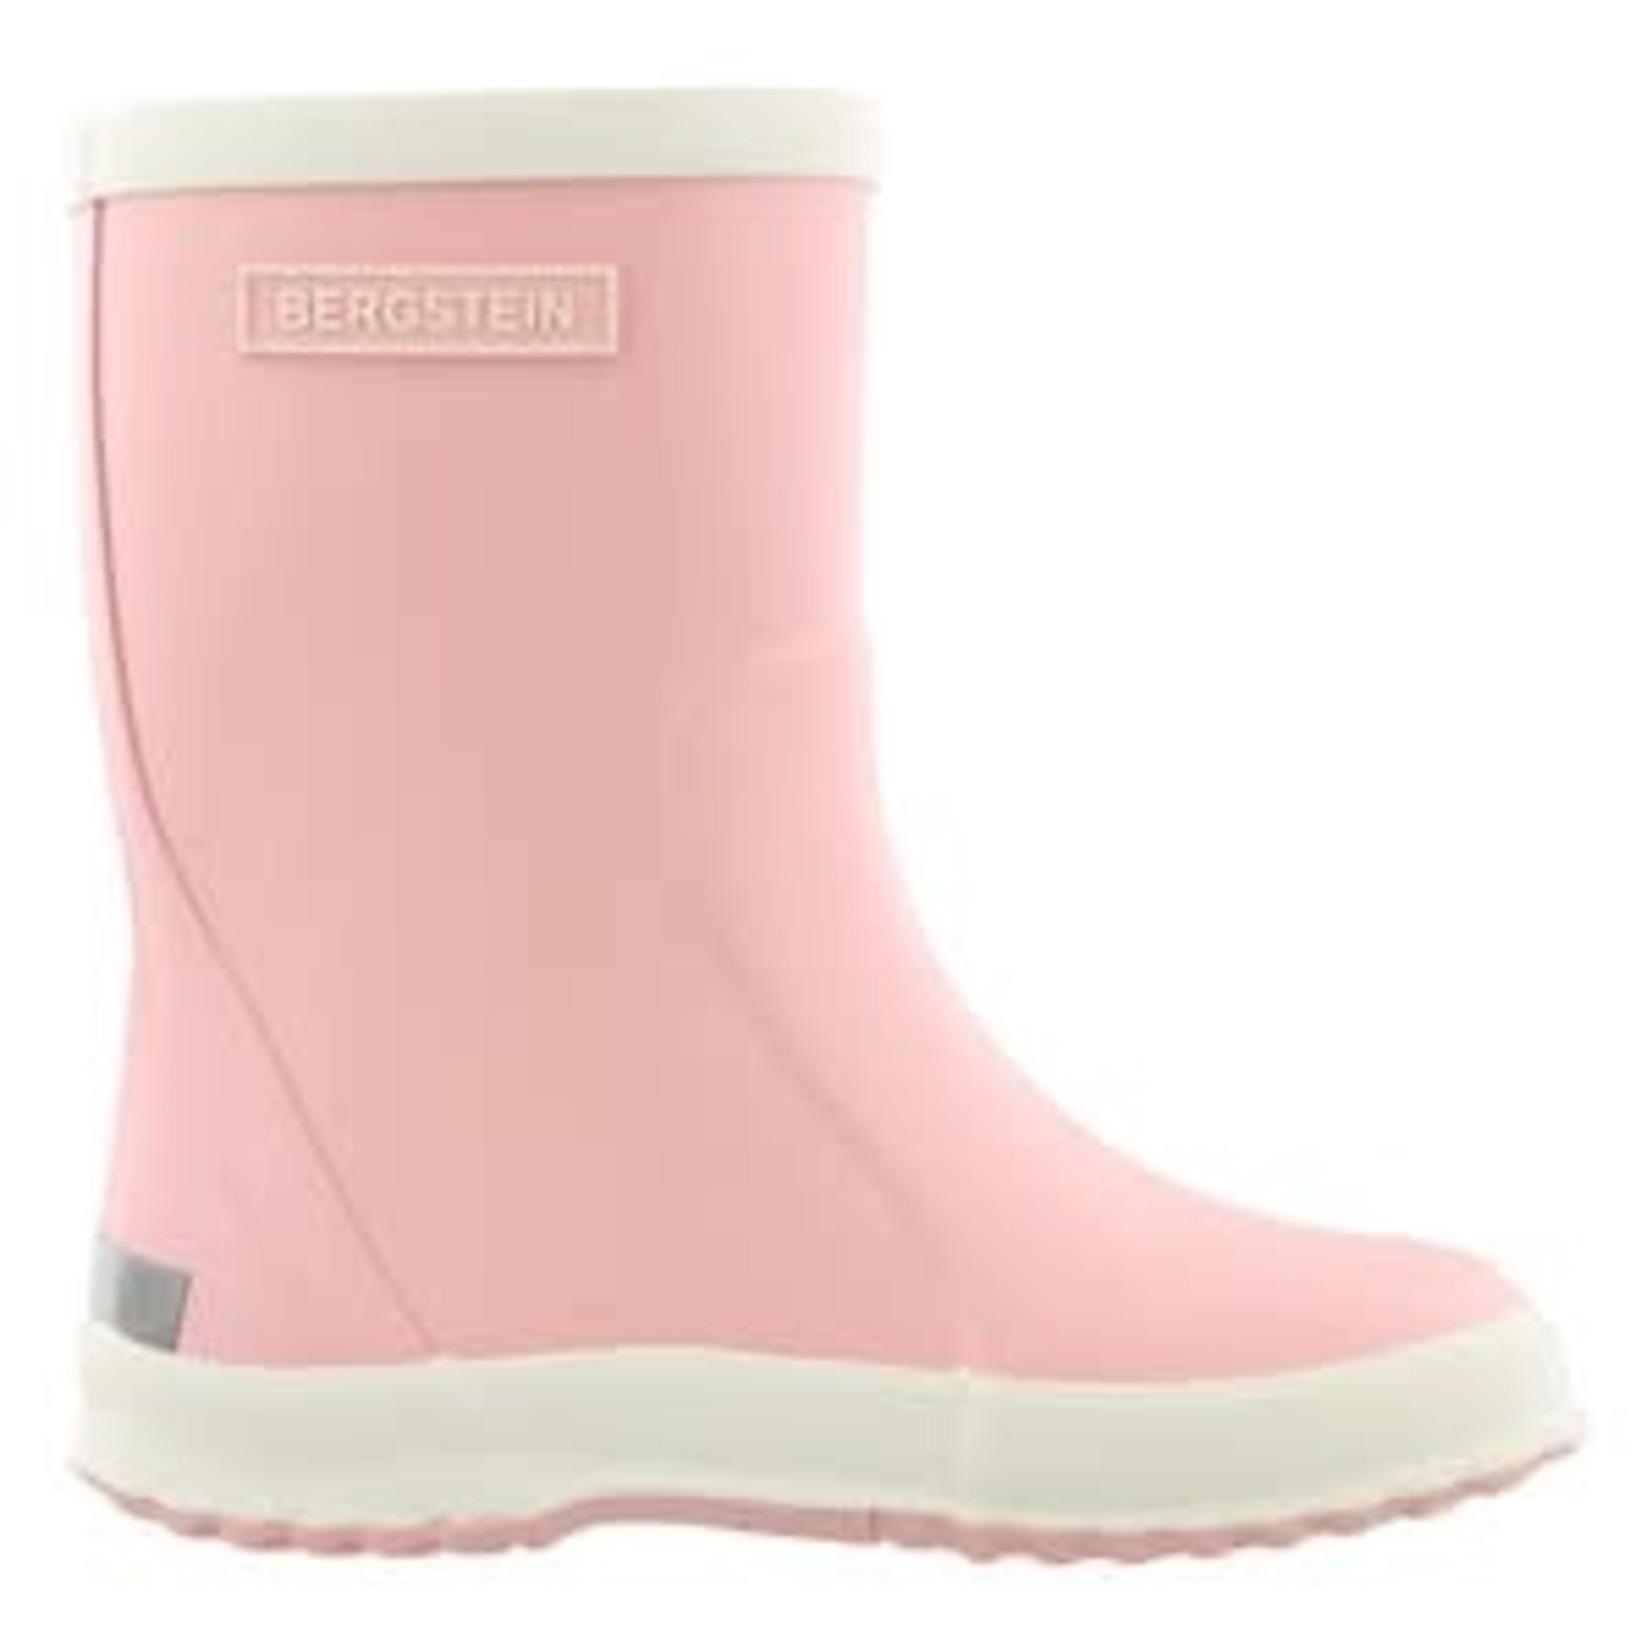 BERGSTEIN BERGSTEIN soft-pink